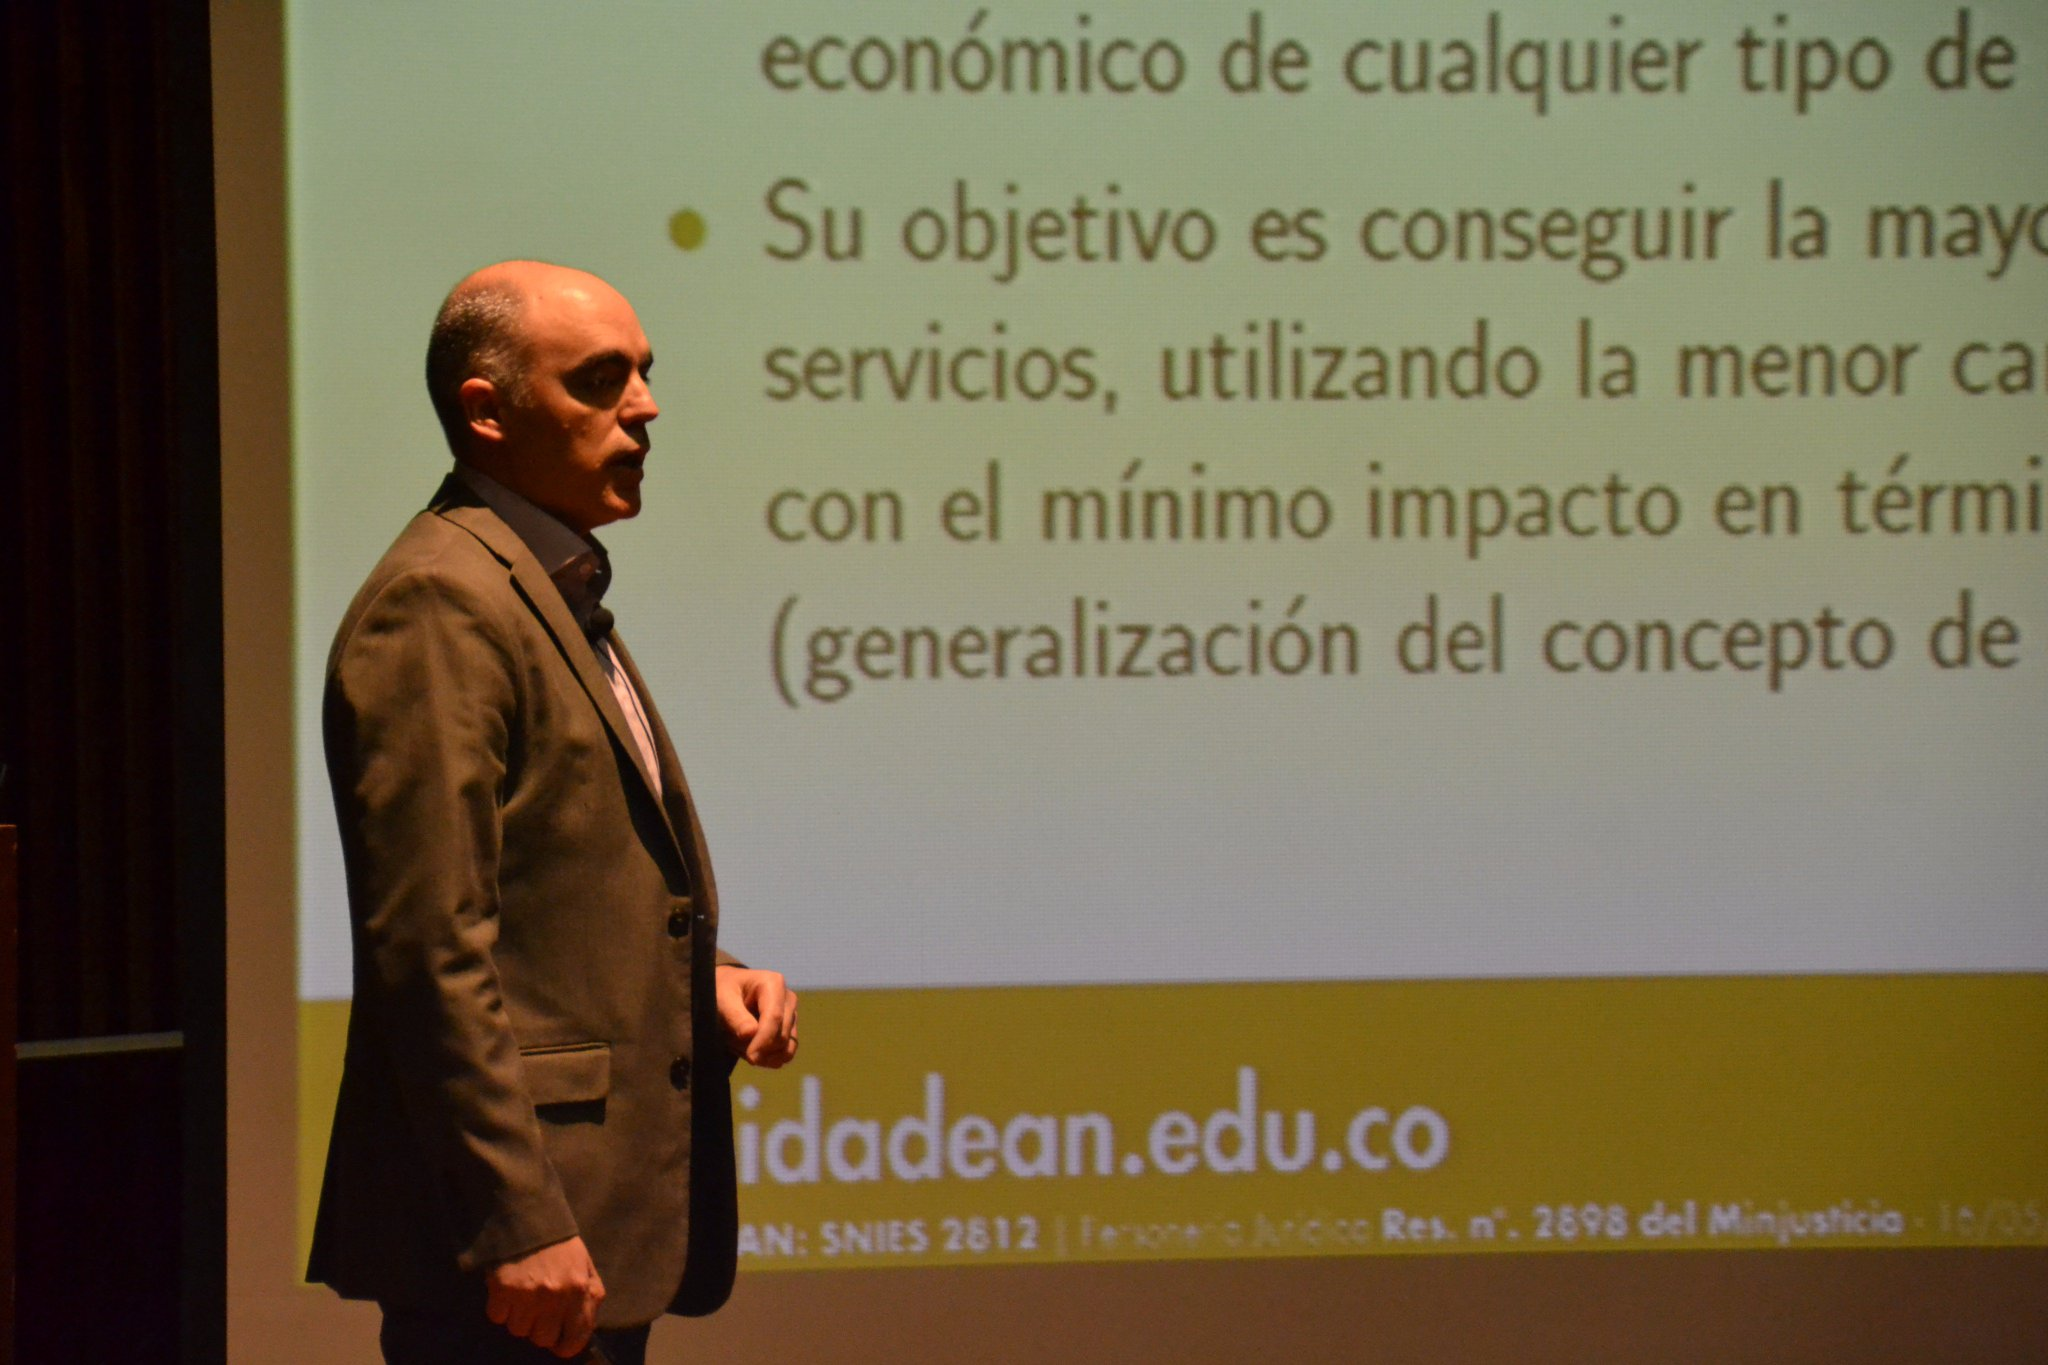 Intervención de Enrique Gilles, profesor de la @UniversidadEAN #EconomíaCircular Simposio #CrecimientoVerde #EnVivo: https://t.co/1pnwASUUMV https://t.co/bzI3yL1zRS